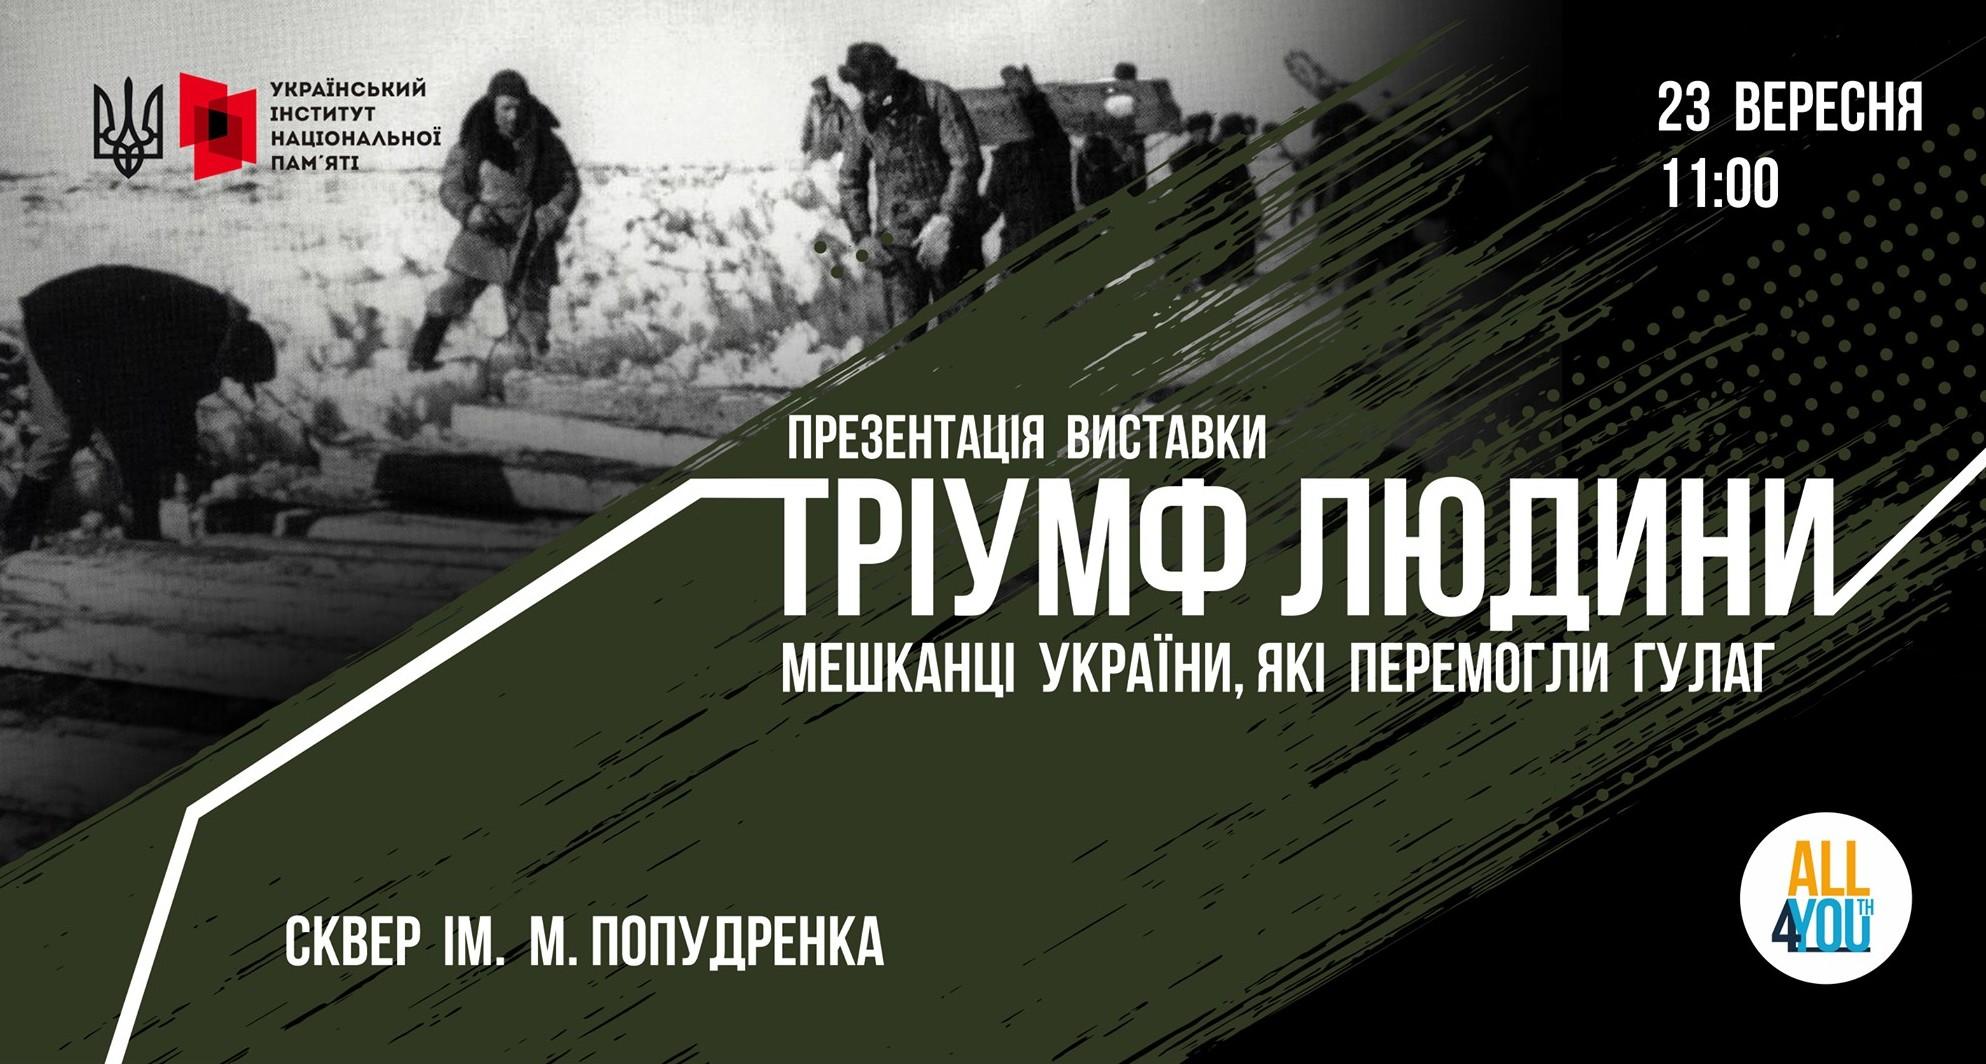 У Чернігові представлять інформаційно-просвітницькі стенди «Тріумф людини. Мешканці  України, які перемогли ГУЛАГ» – ЧЕline |